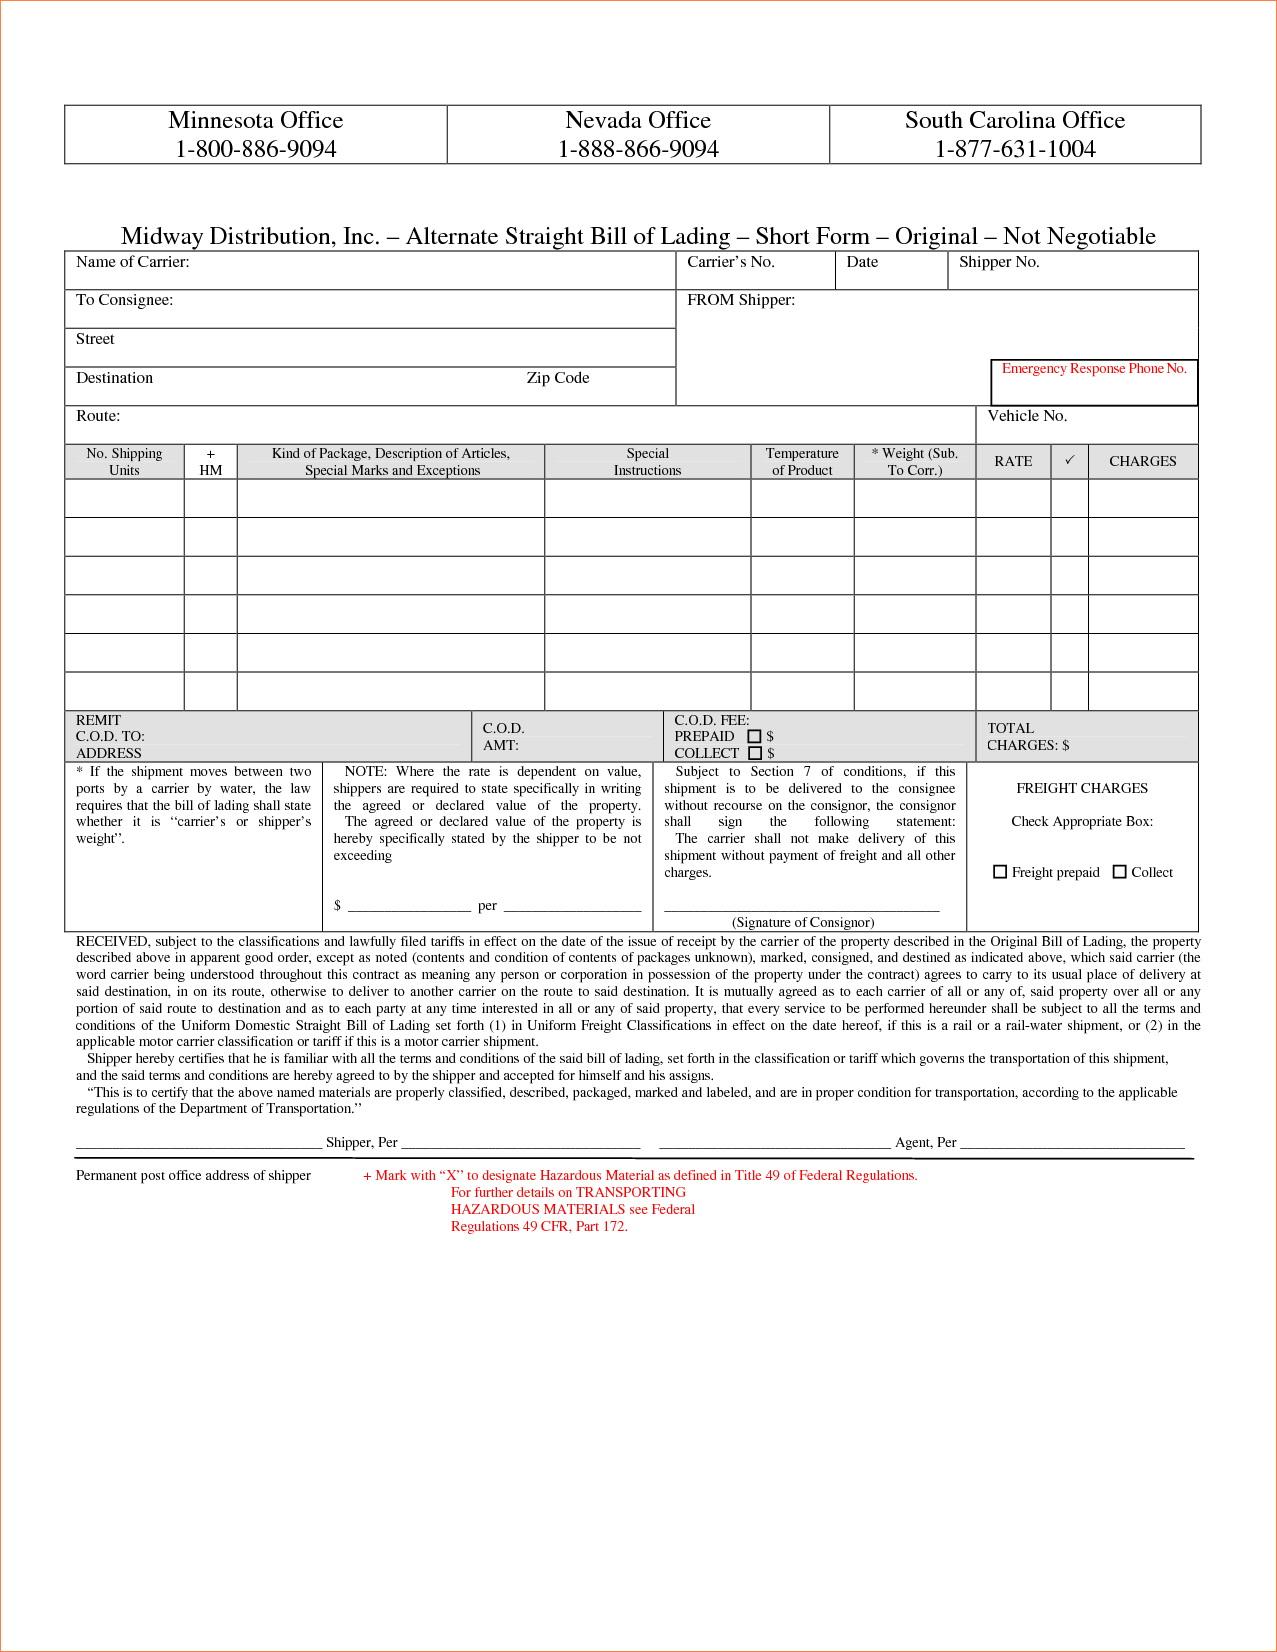 Bill Of Lading Short Form